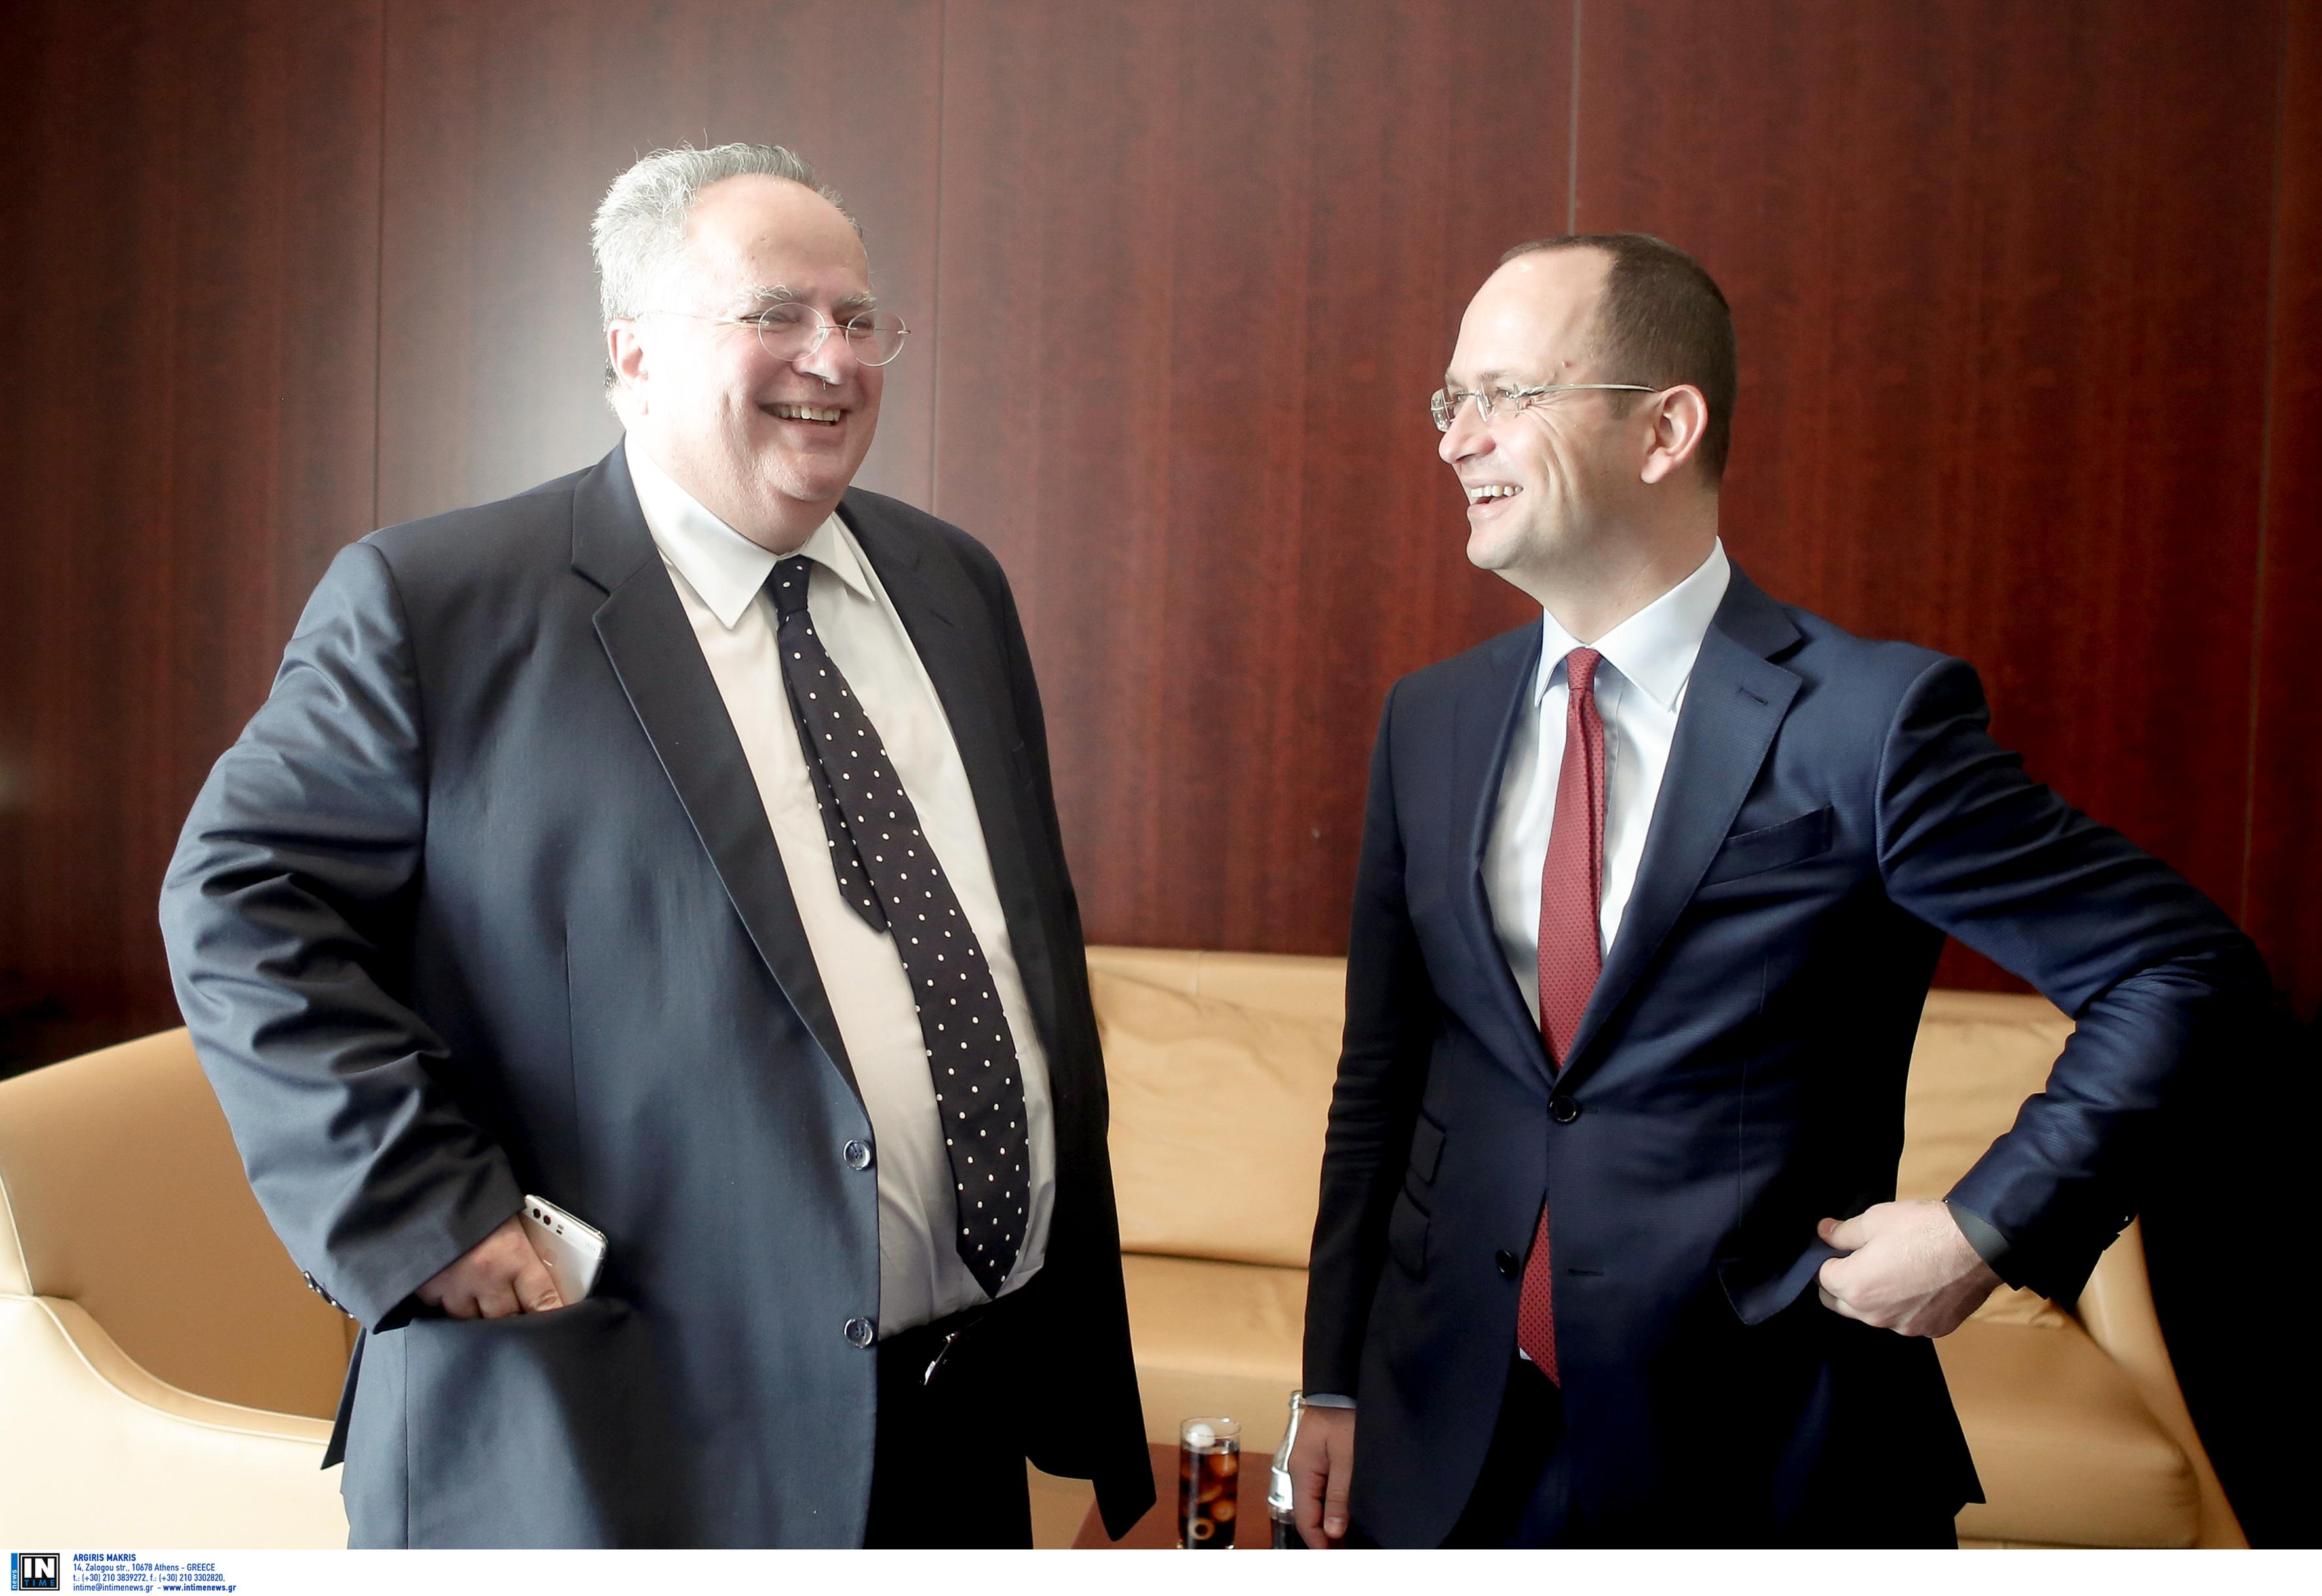 Επανέρχεται το «τσάμικο» ενόψει της συμφωνίας Ελλάδας-Αλβανίας | tovima.gr